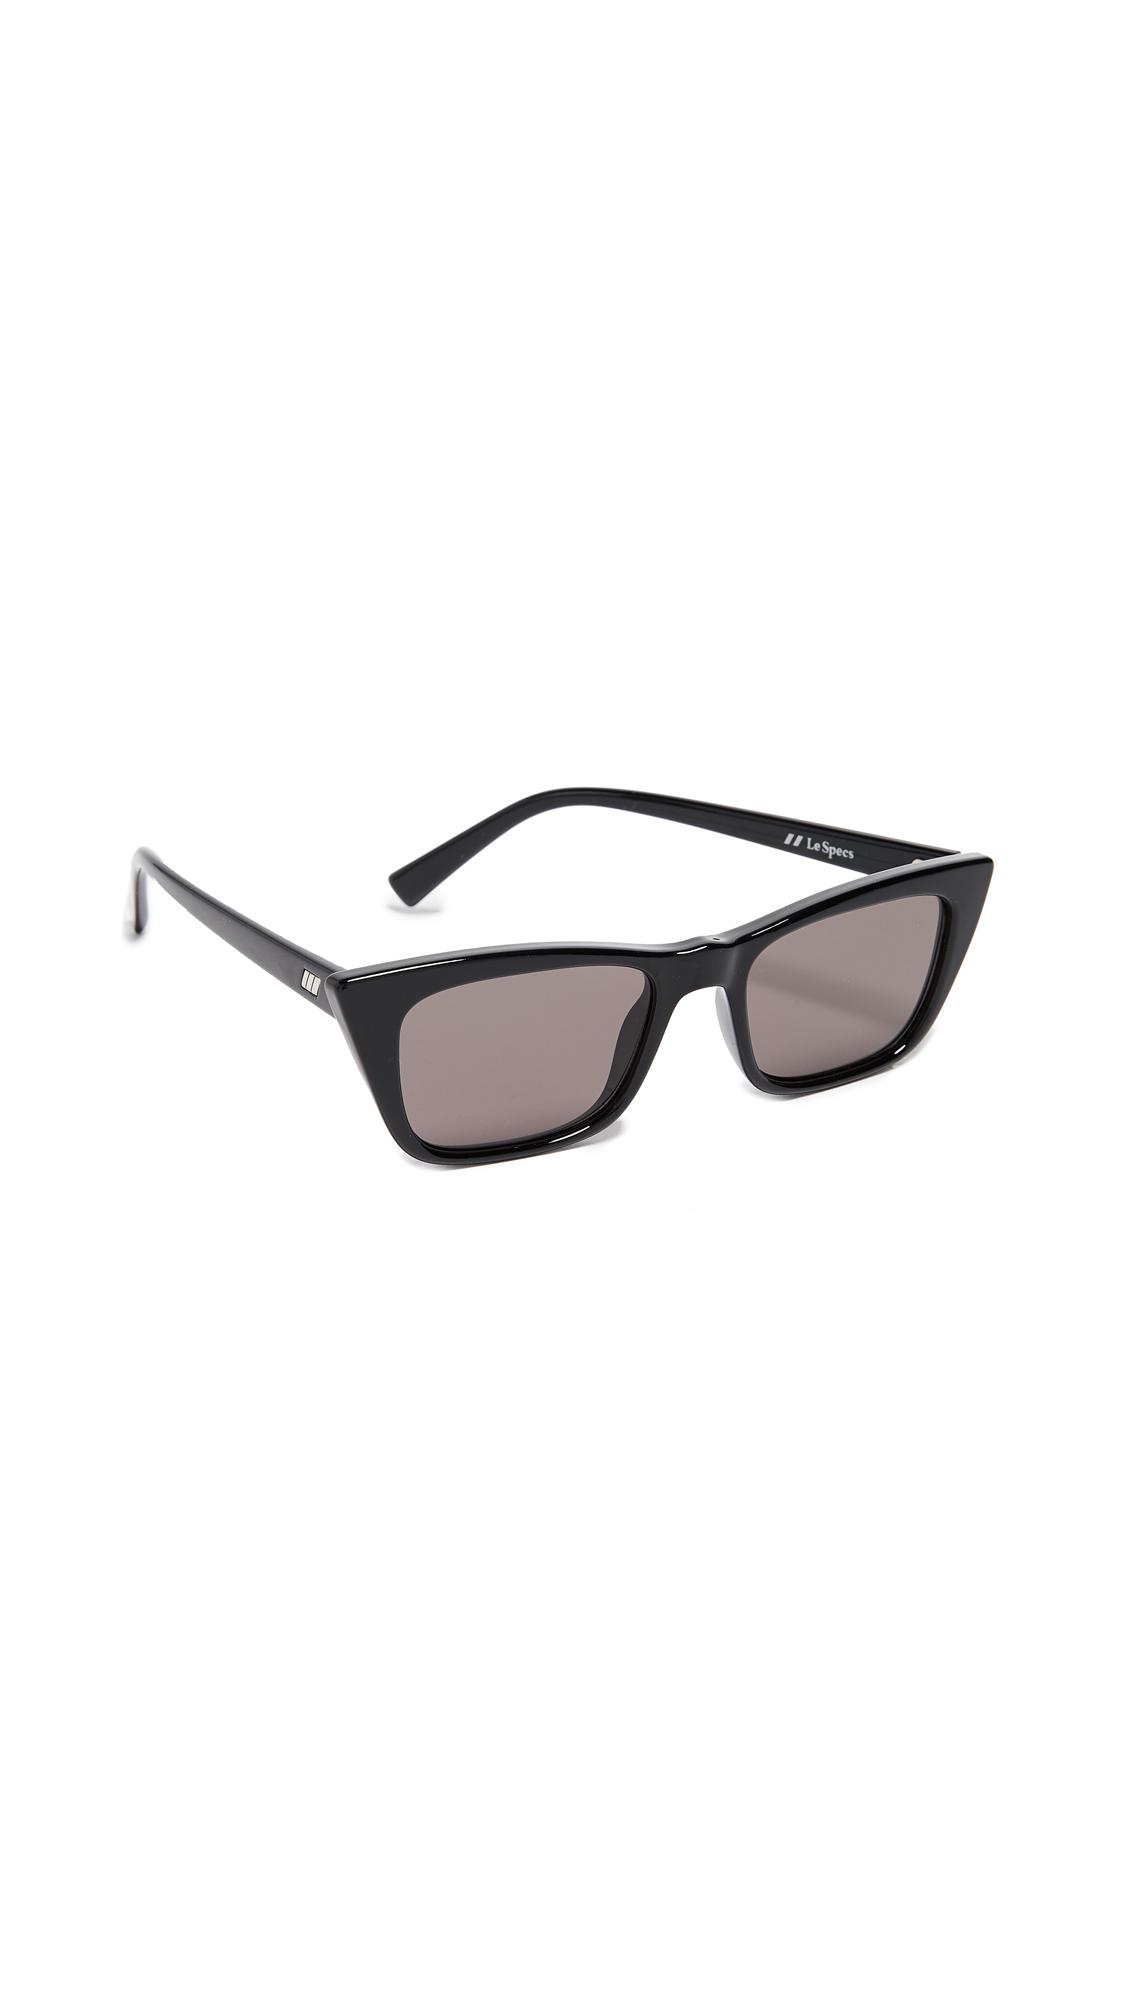 Le Specs I Feel Love Sunglasses In Black/Black